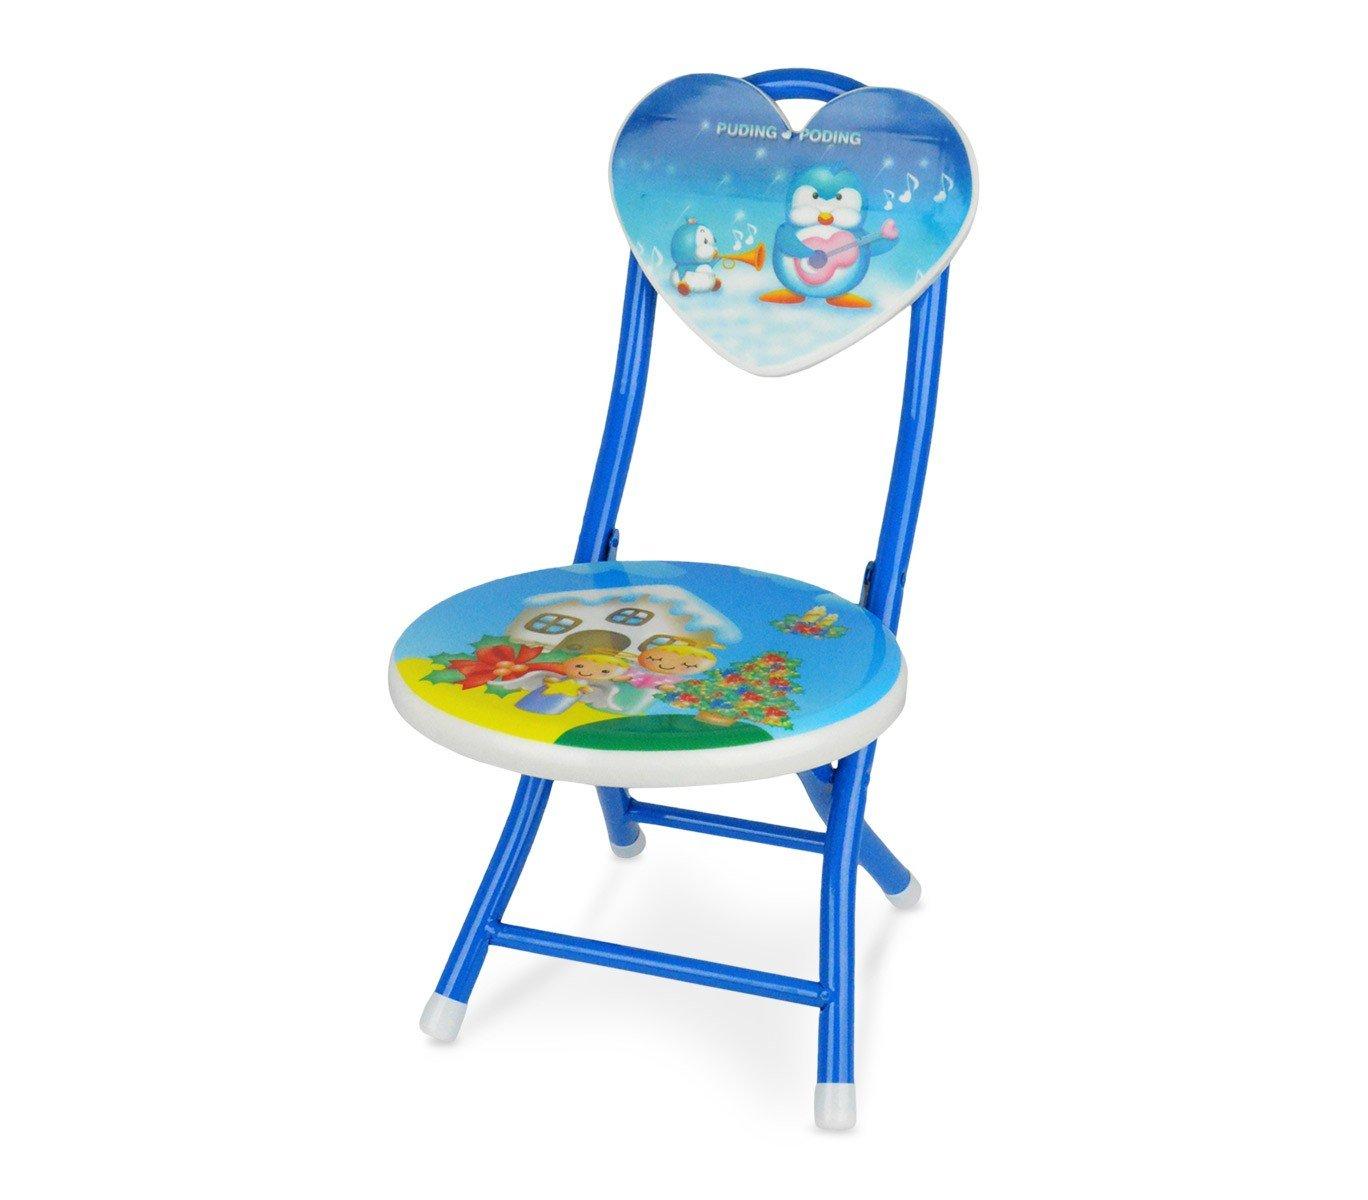 MEDIA WAVE store 211649 Sediolina per bambini apri e chiudi colori di Colore BLU e fantasie assortite